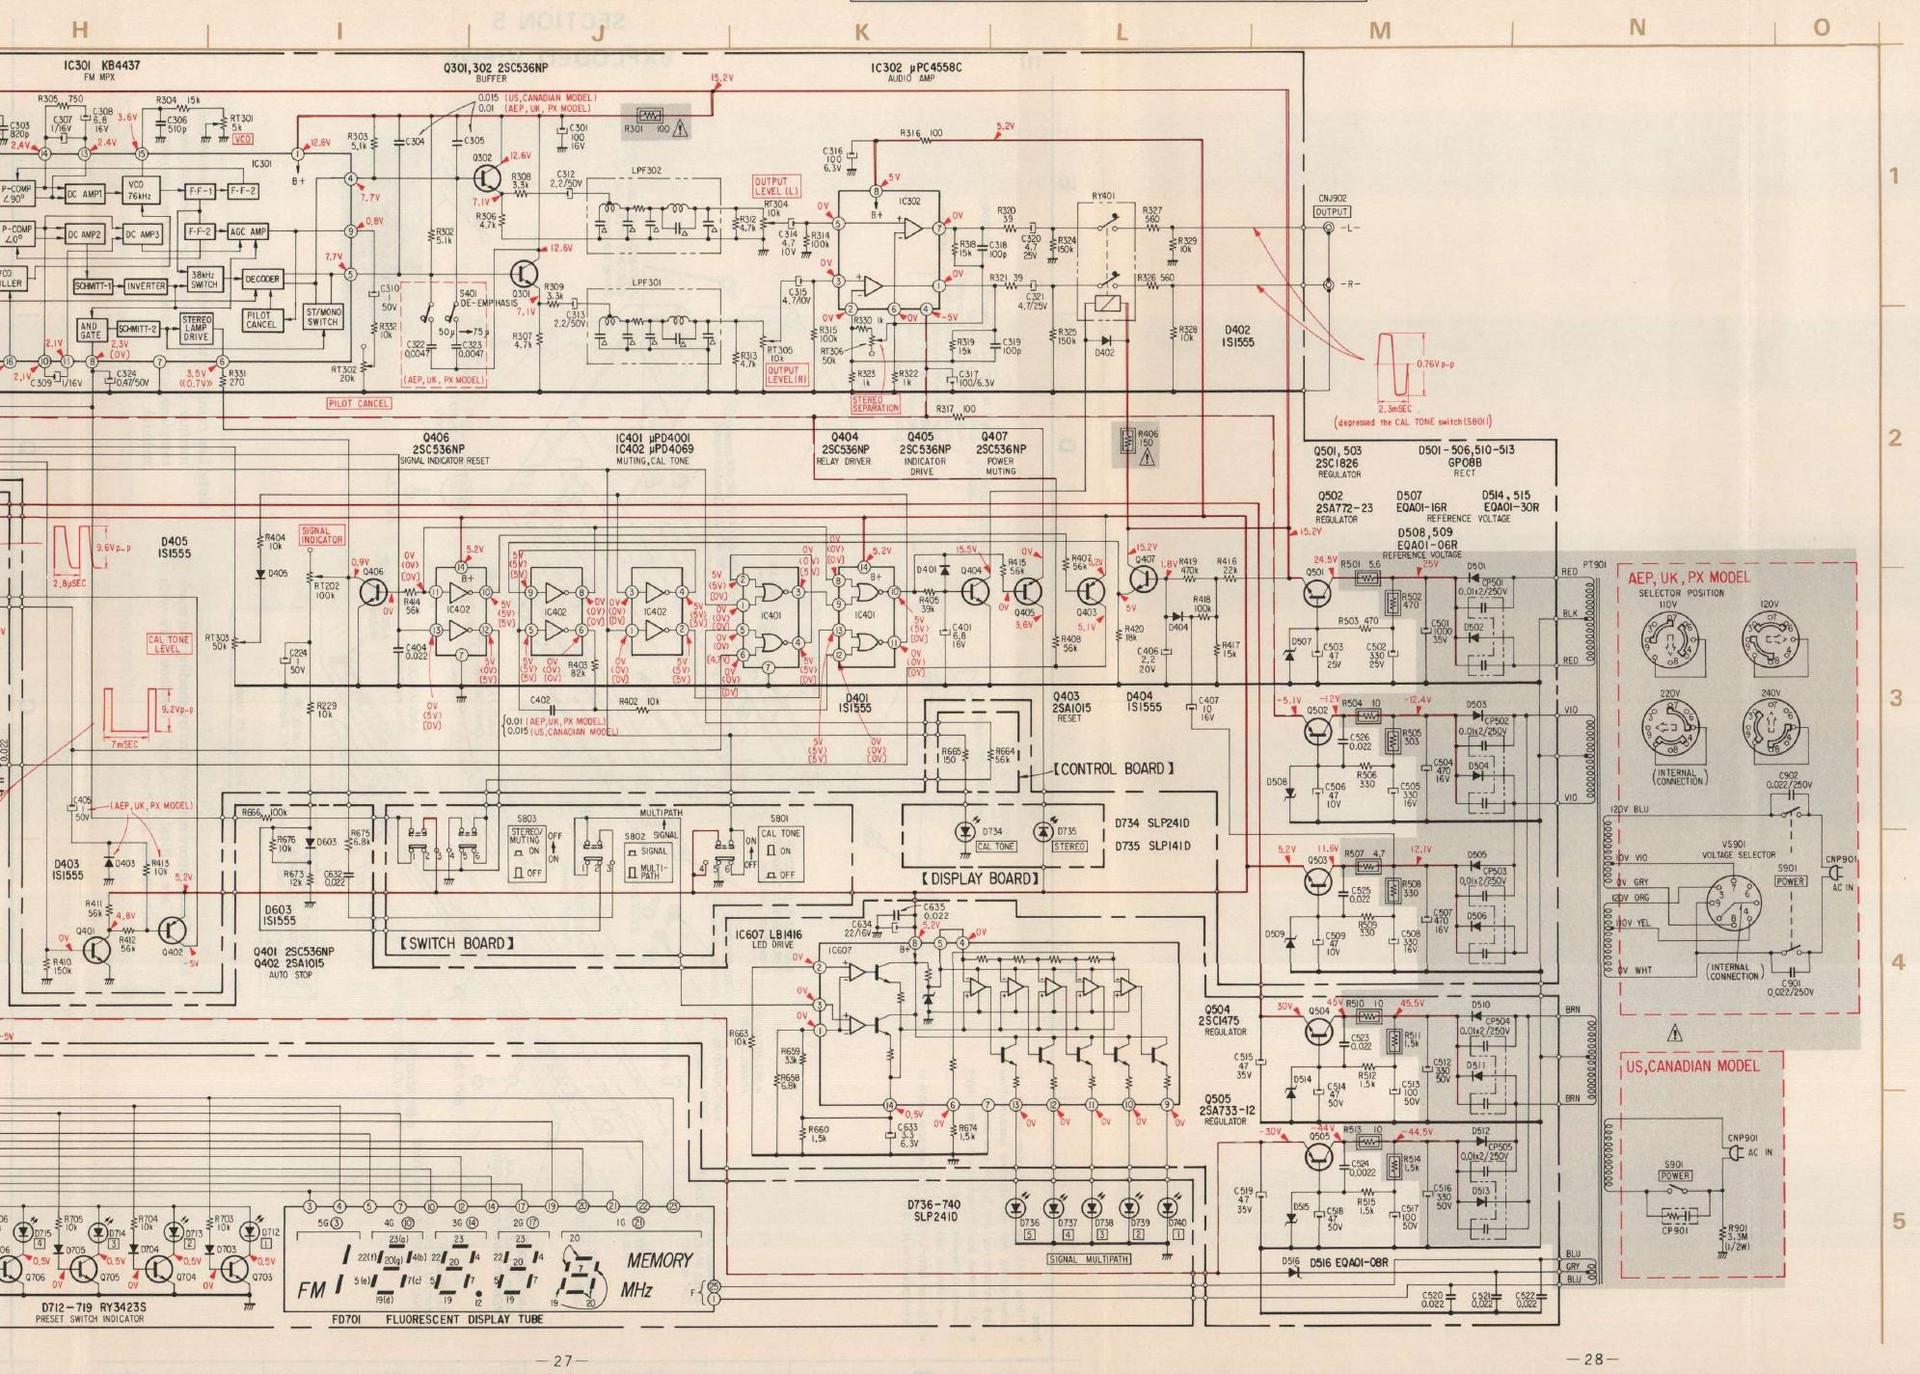 Ausgezeichnet Sony Xplod Verstärker Schaltplan Zeitgenössisch - Der ...